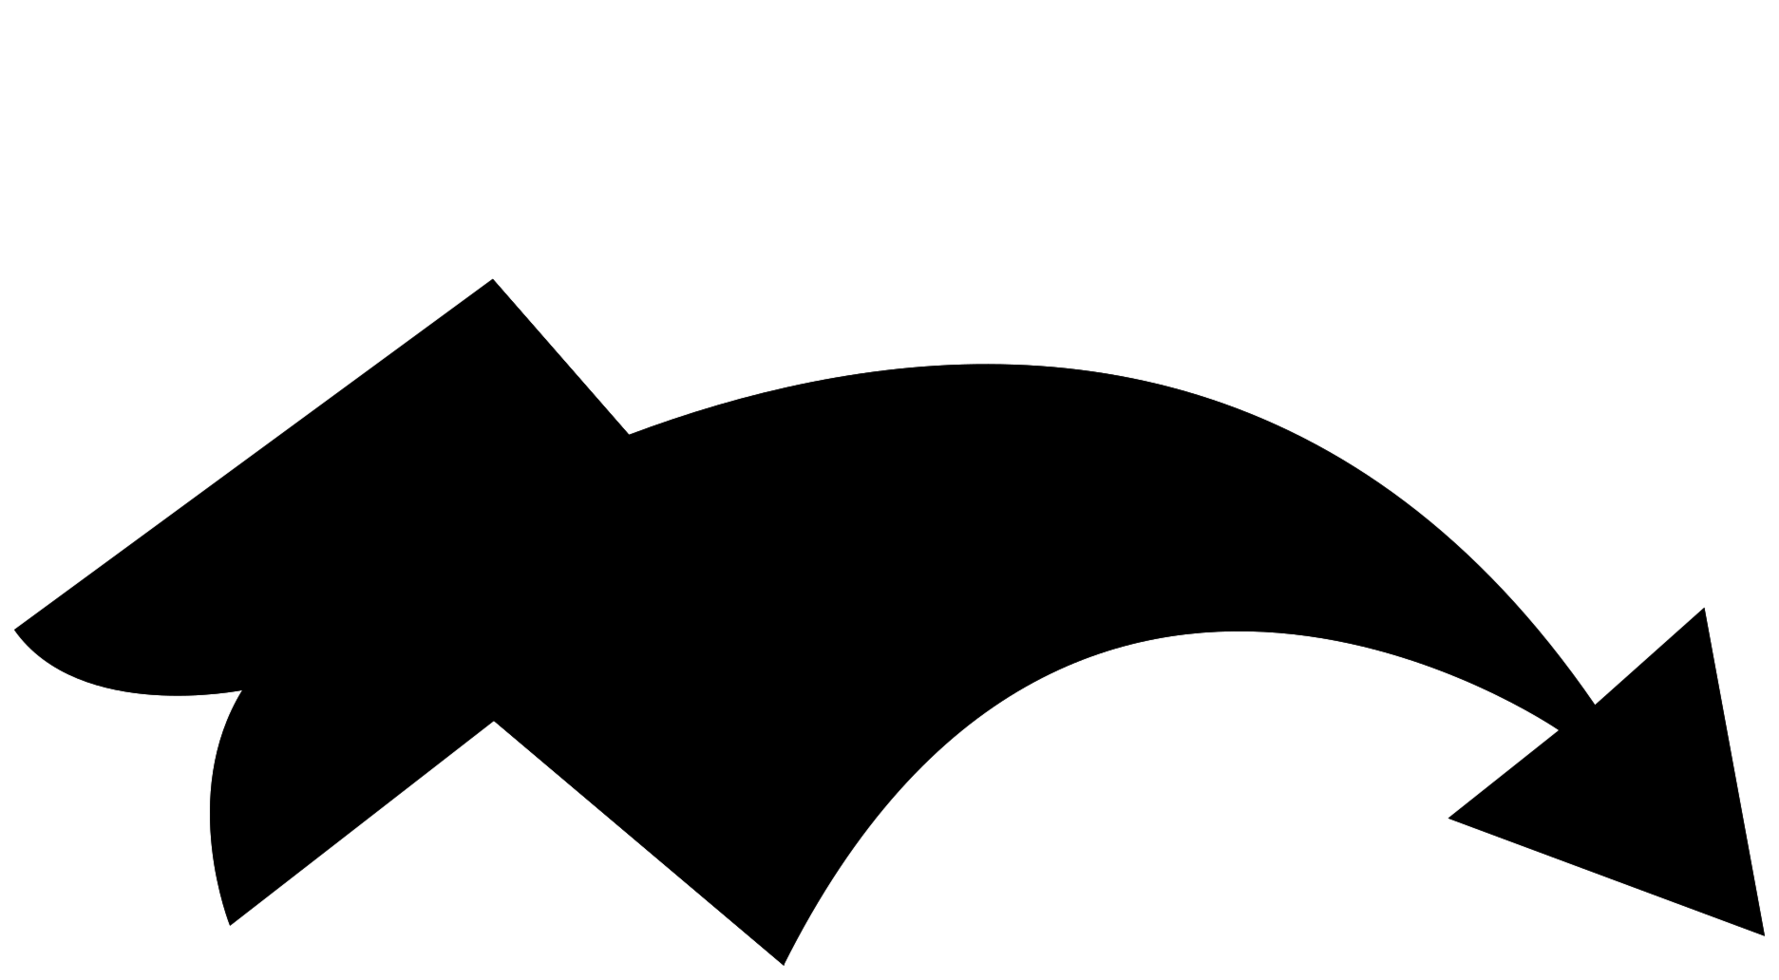 bannière de ruban png